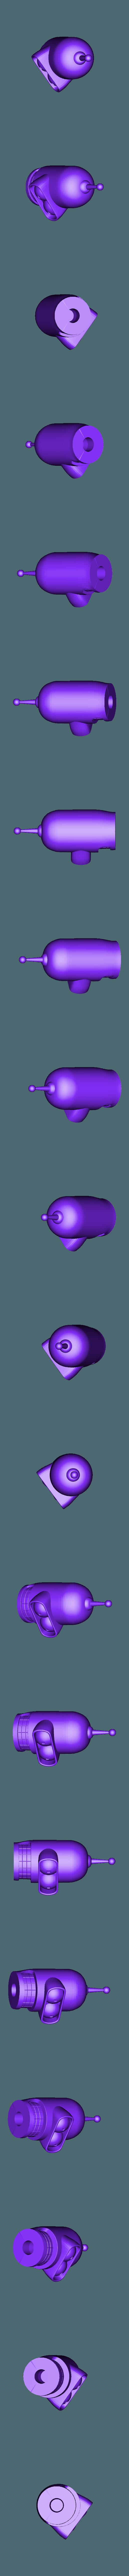 BlendercABEZA.stl Télécharger fichier STL gratuit Bender Futurama • Design pour imprimante 3D, EugenioFructuoso